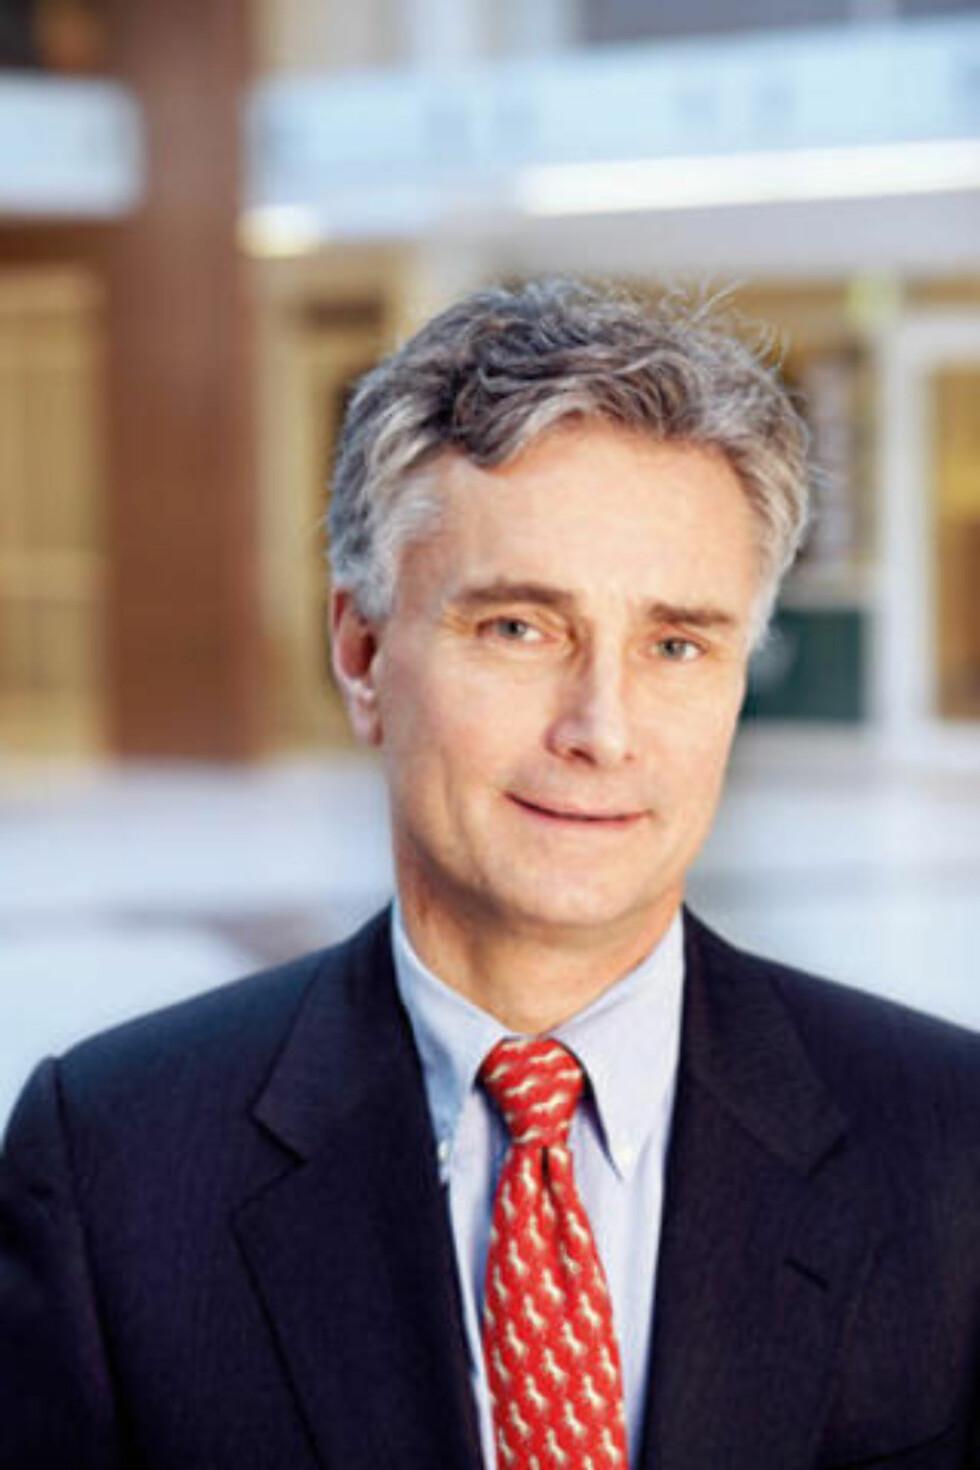 GIR TIL HØYRE: Petter Neslein er daglig leder i Pecunia AS som har gitt 500 000 kroner til Høyres valgfond i år. Neslein er også medlem i Norske Selskab.